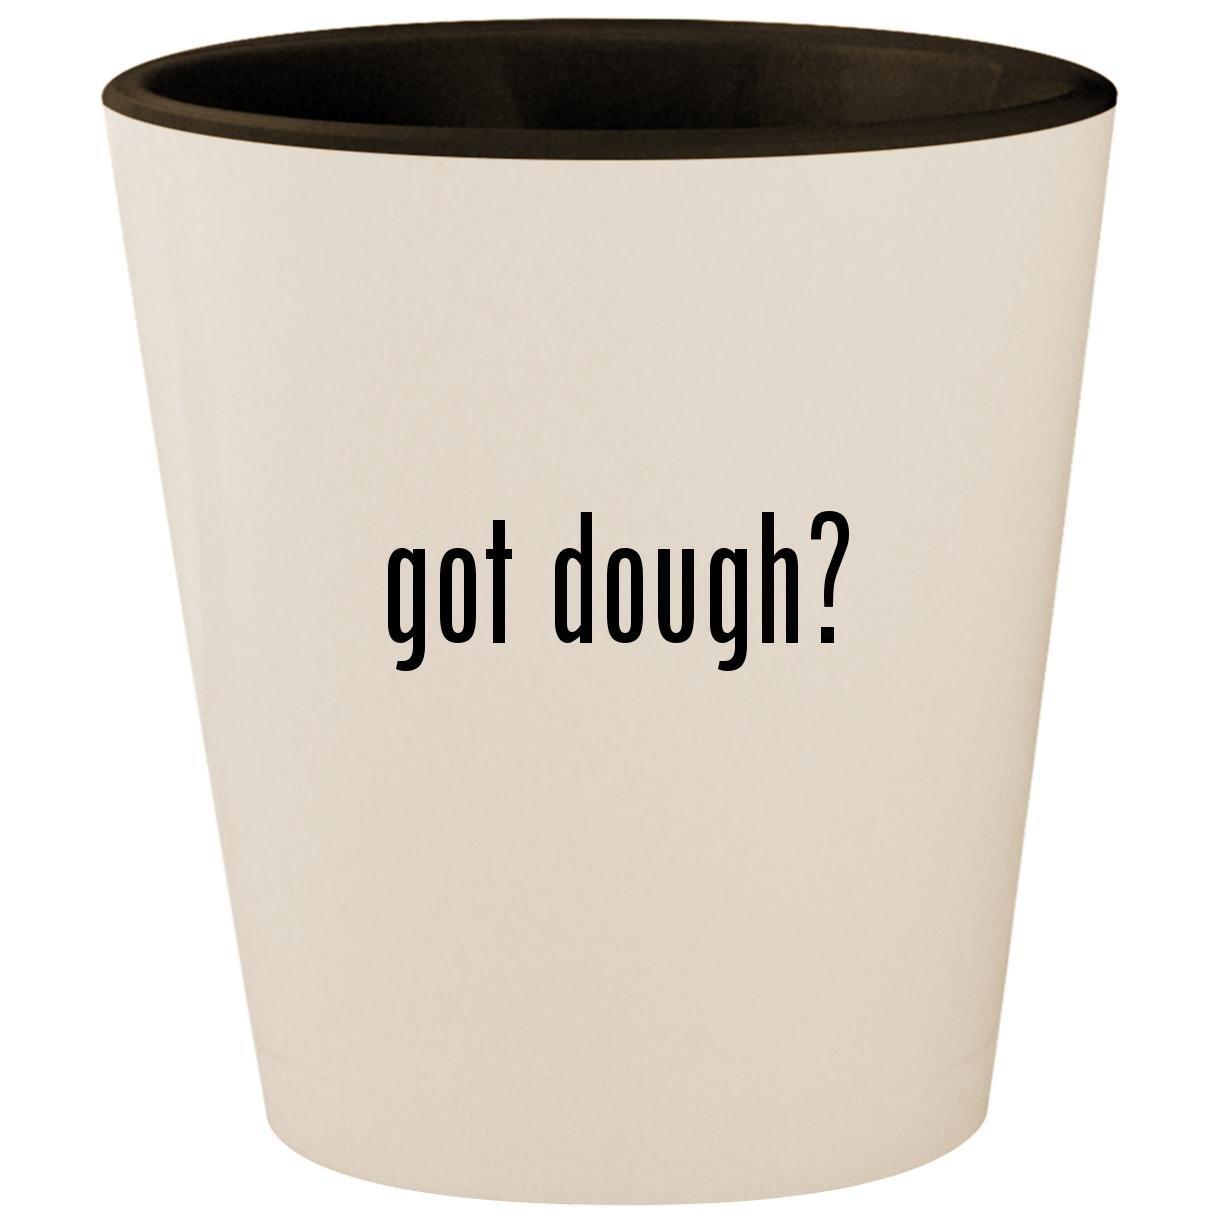 got dough? - White Outer & Black Inner Ceramic 1.5oz Shot Glass